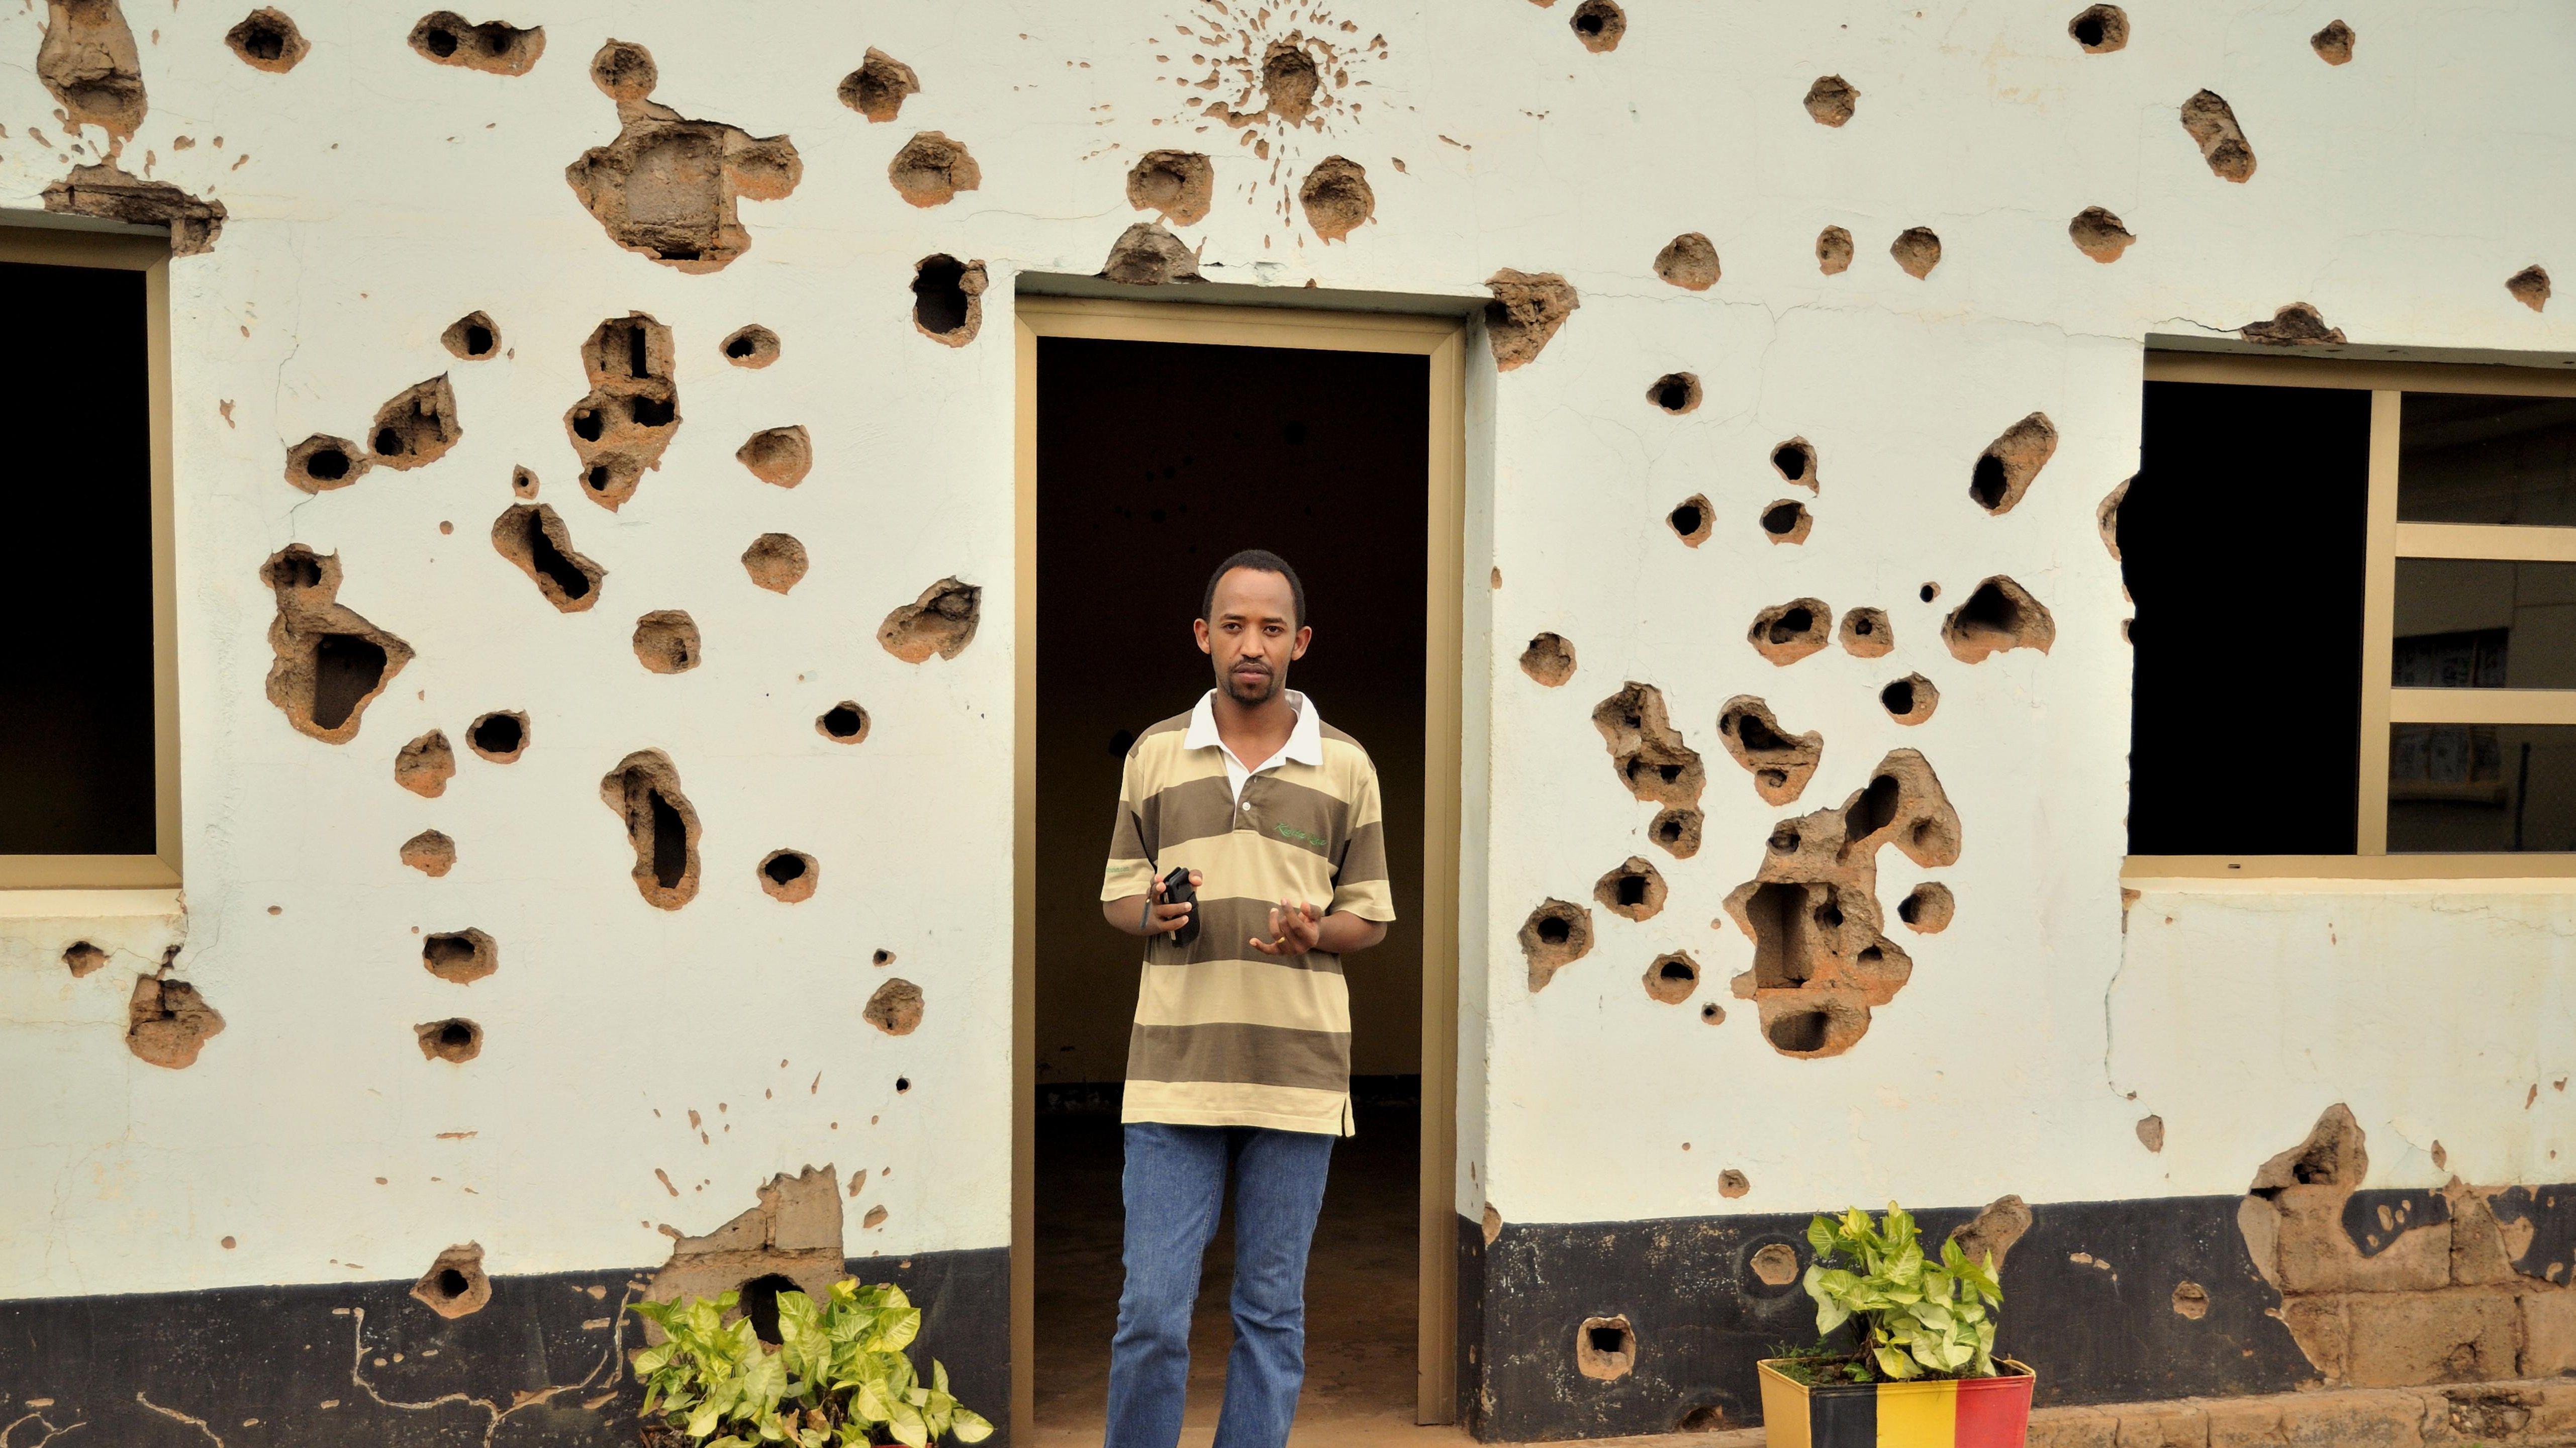 Ortskundiger Führer in der Gedenkstätte für die im April 1994 ermordeten belgischen Blauhelm-Soldaten in Kigali, Ruanda, Afrika - steht im Eingang eines Hauses, das von großen Einschusslöchern überzogen ist, die Fenster haben keine Scheiben mehr.